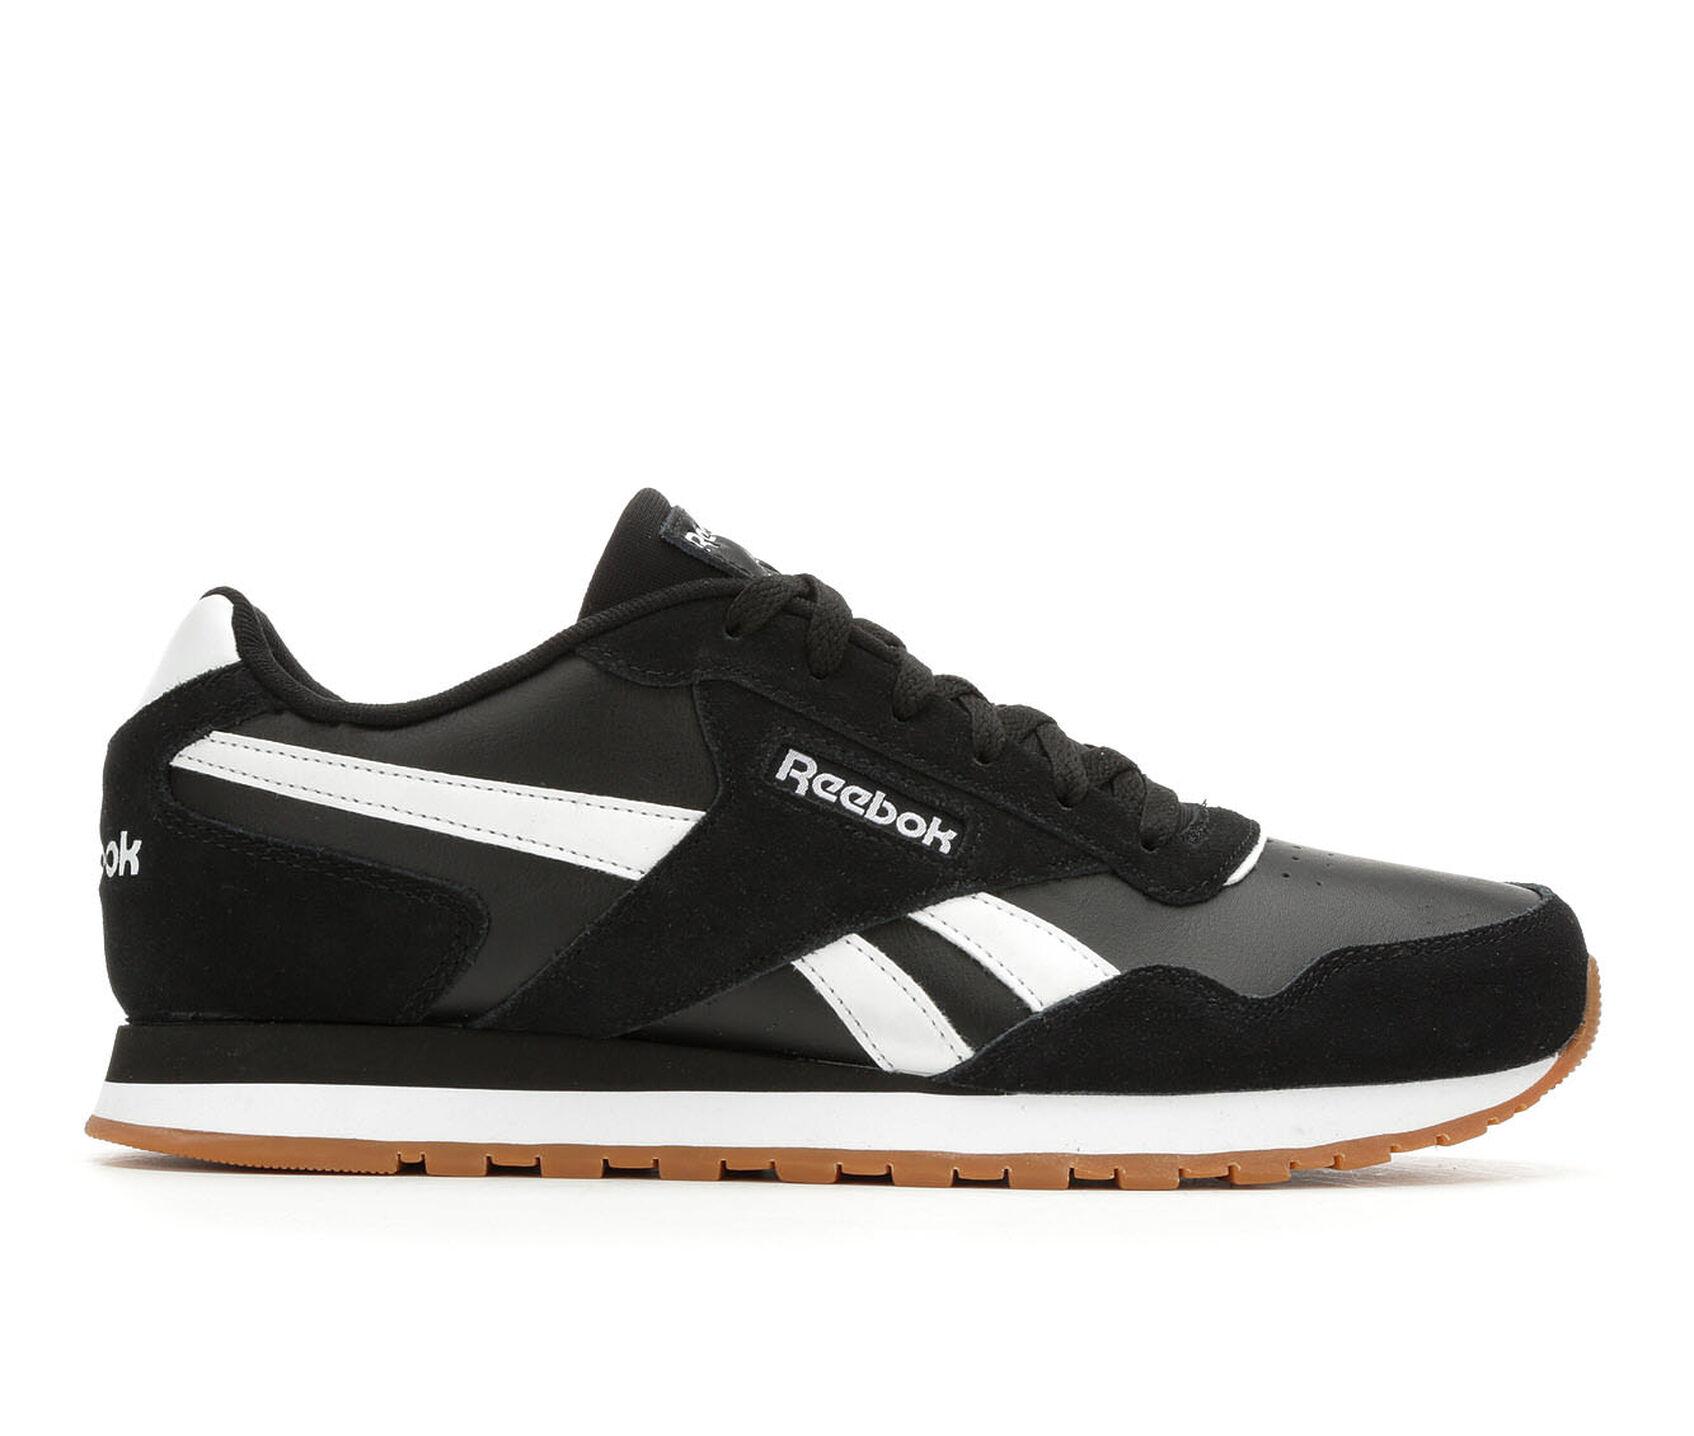 b1501a95a4c ... Reebok Harman Retro Sneakers. Previous